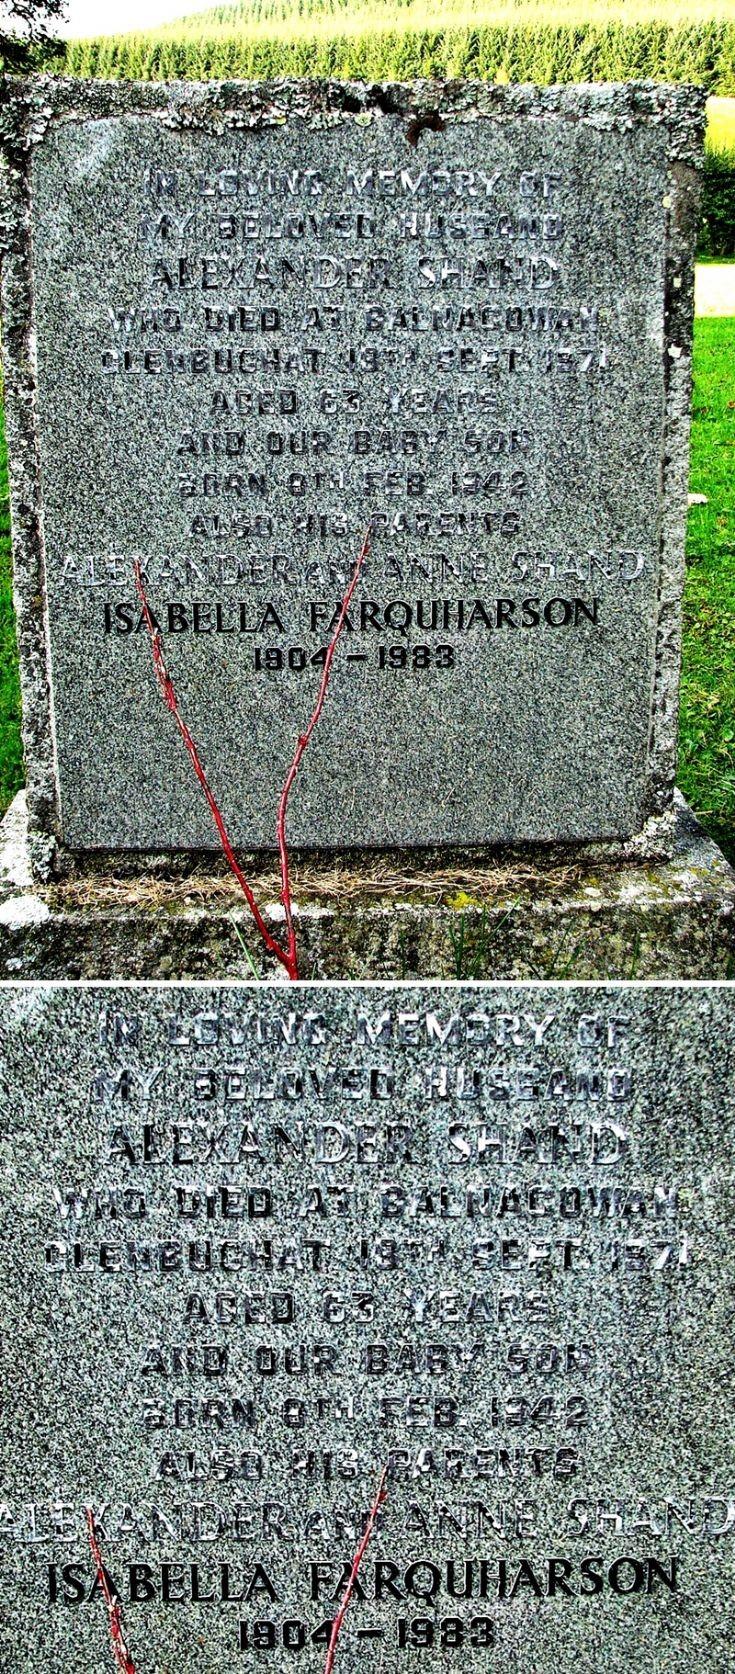 123 Grave No 160 Alexander Shand